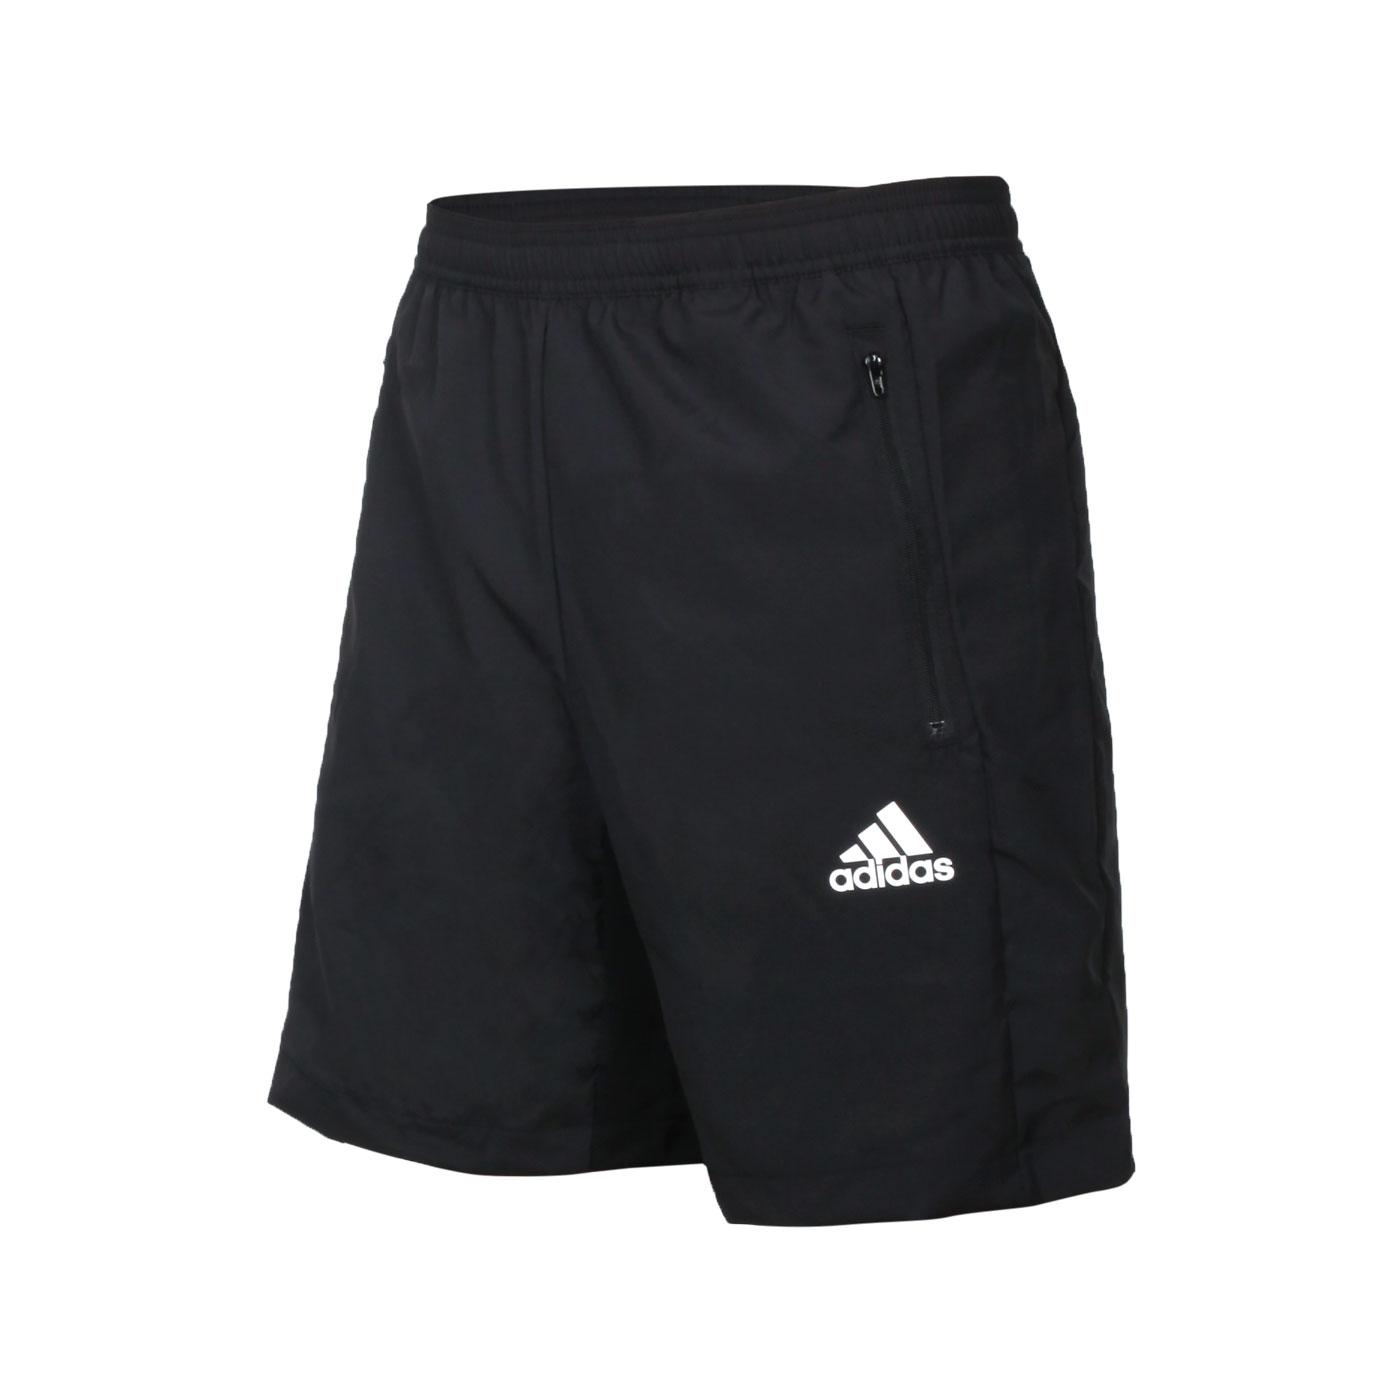 ADIDAS 男款運動短褲 GT8161 - 黑白